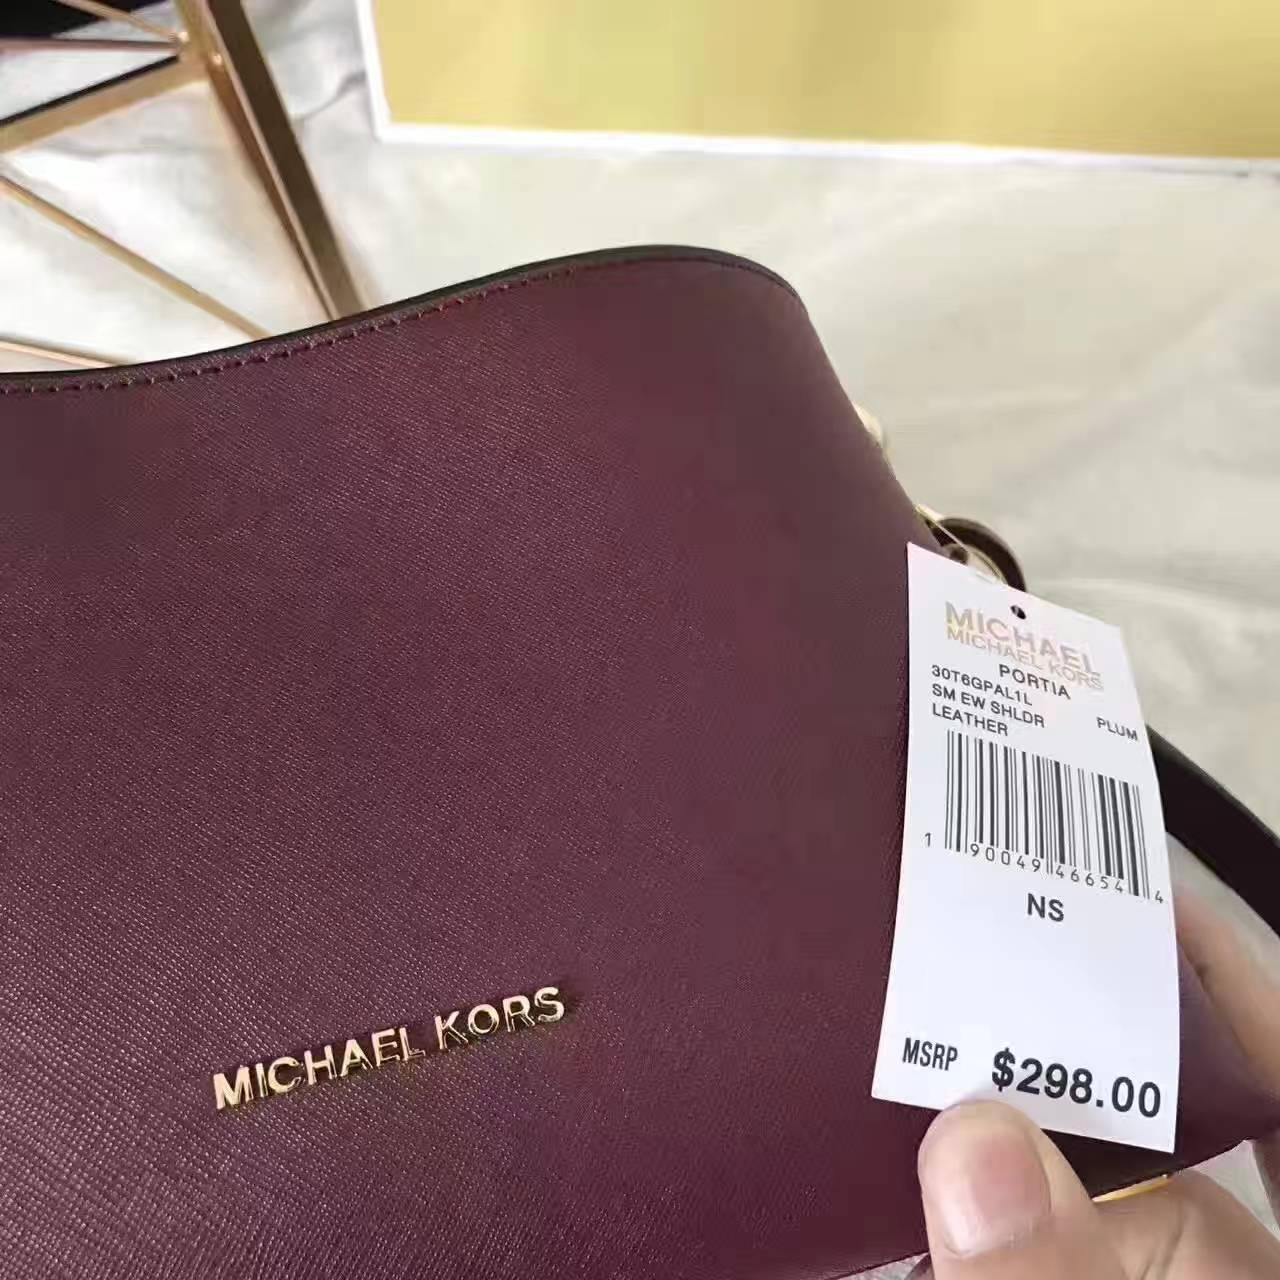 MK女包价格 迈克高仕新款酒红色十字纹牛皮单肩斜挎女包玉石包